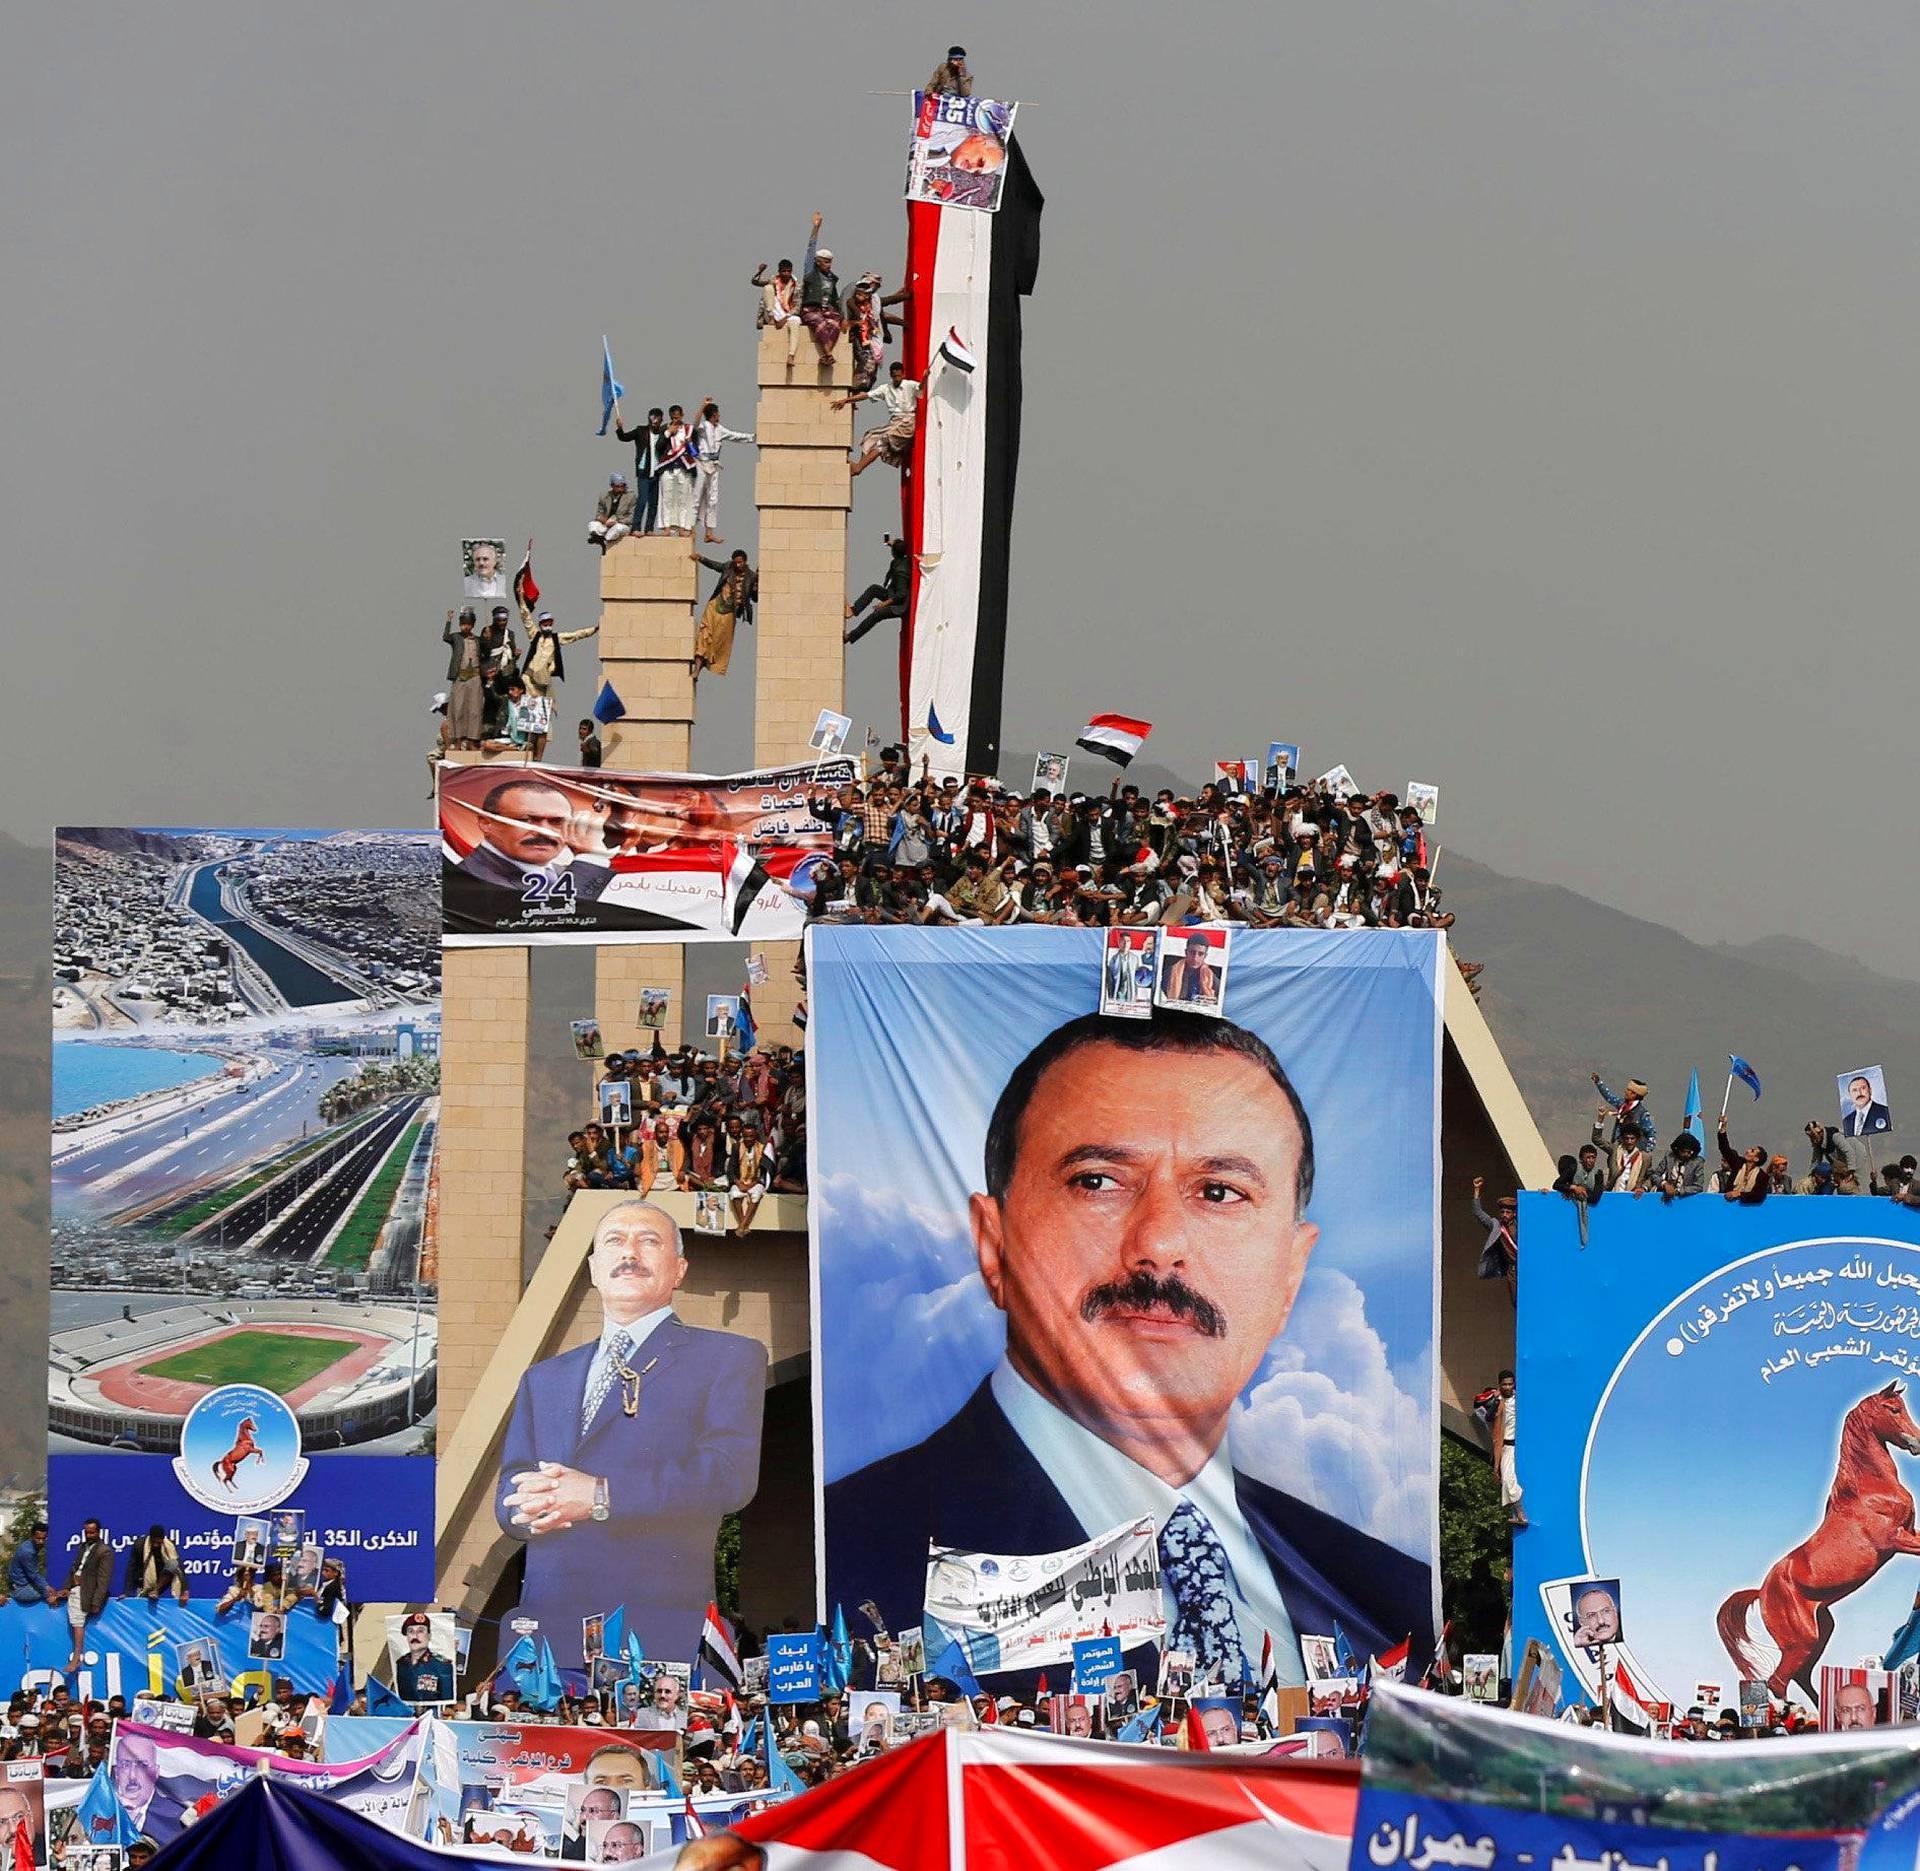 Jemenin entisen presidentin Ali Abdullah Salehin kannattajat osallistuivat Jemenin Sanaassa tapahtumaan, joka juhlisti yleinen kansankongressi -puolueen perustamisen 35:ttä vuosipäivää.